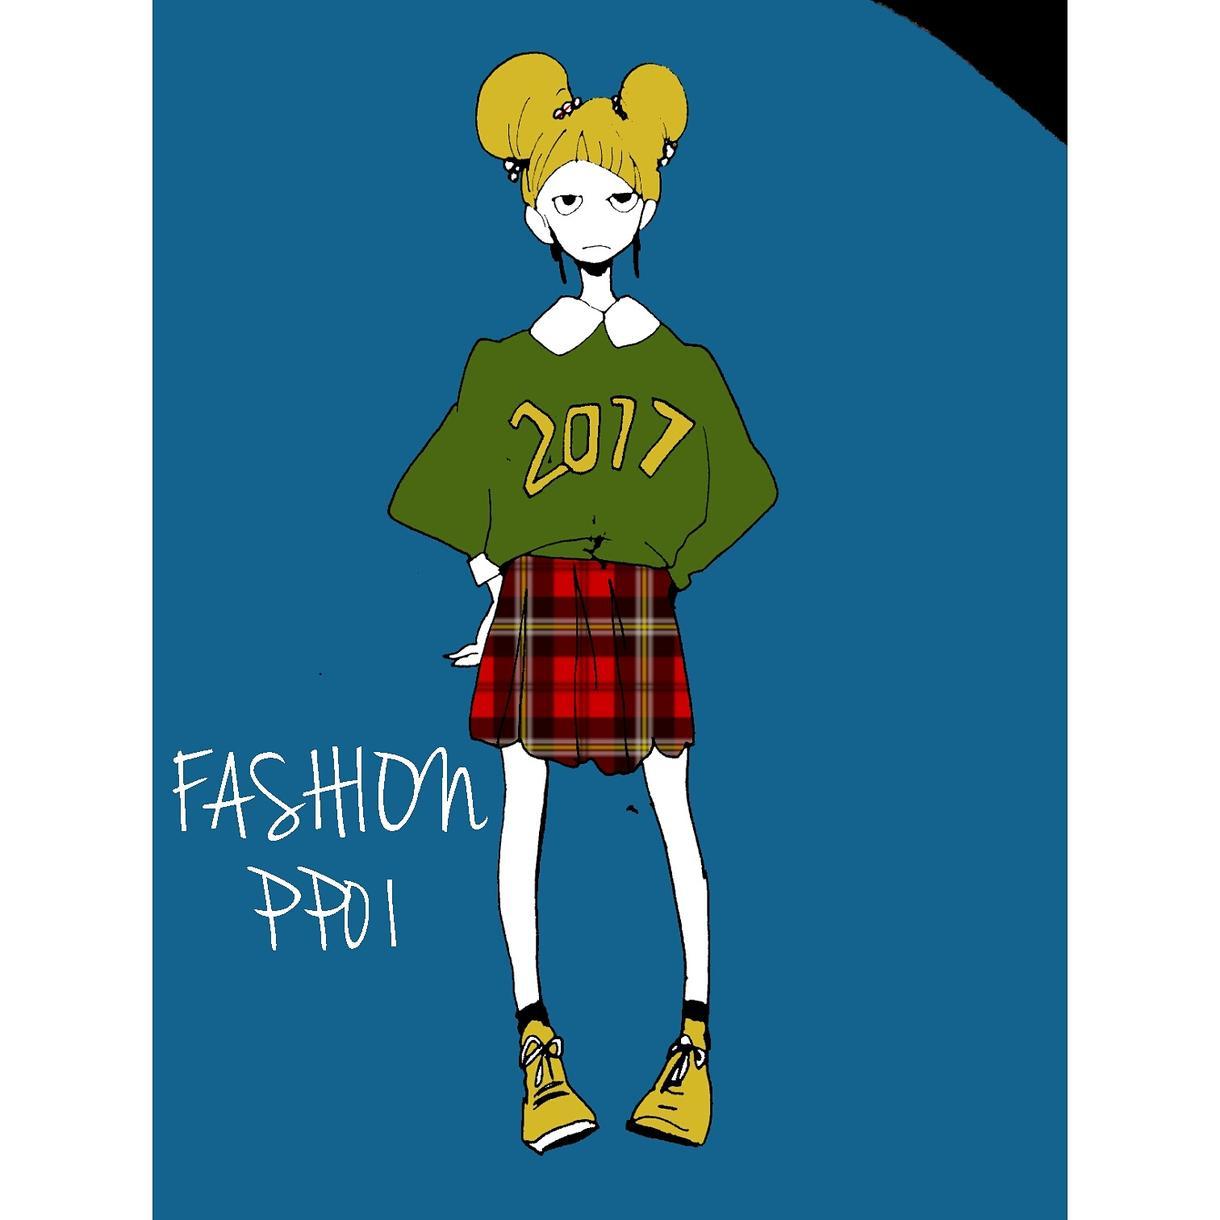 おしゃれ好きな方!好きなお洋服を描かせて頂きます おしゃれが好き!思い出の服がある!そんな方におすすめ。